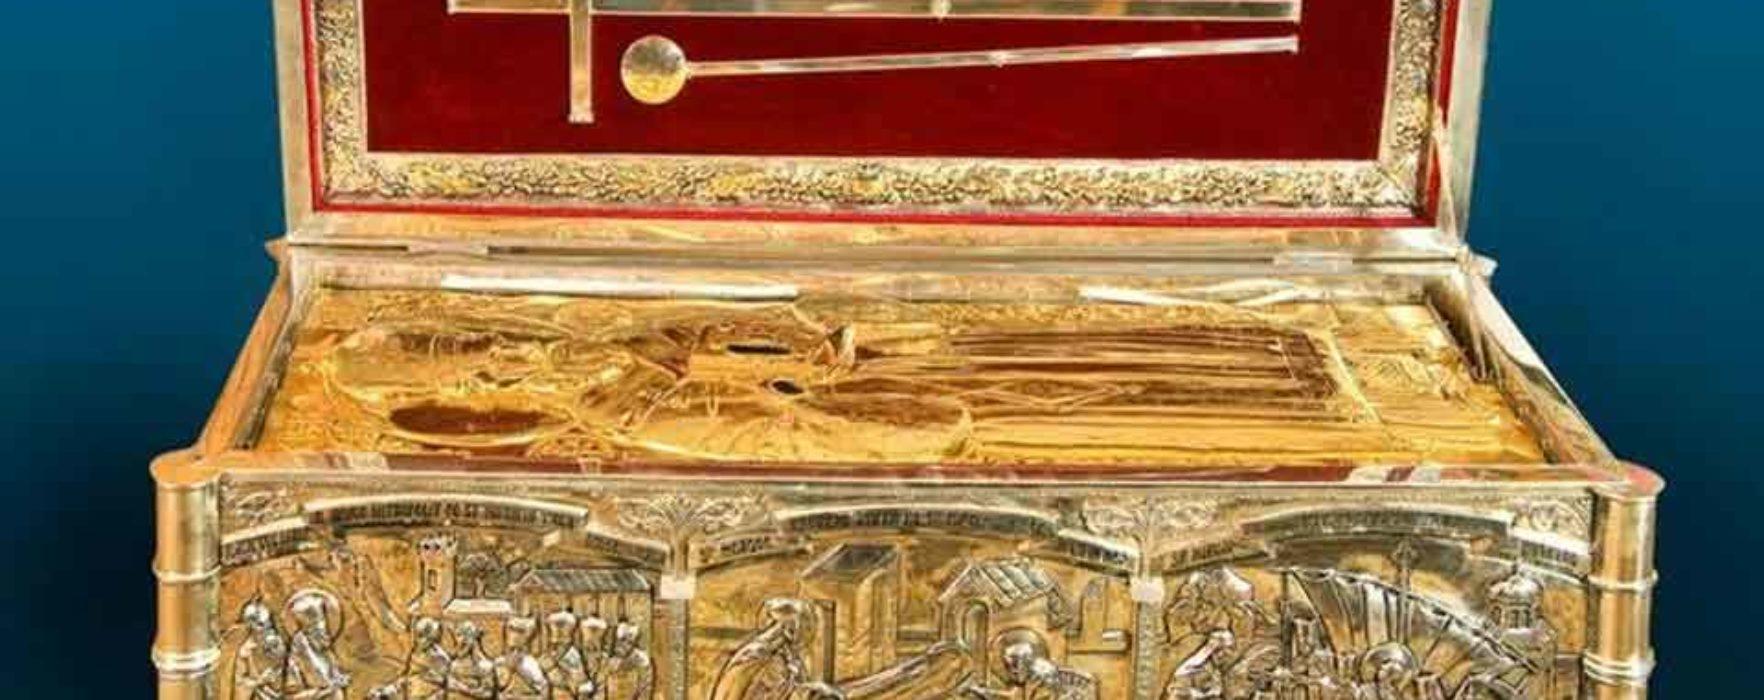 Târgovişte: Manifestările de Sf. Nifon vor avea loc la Mănăstirea Stelea